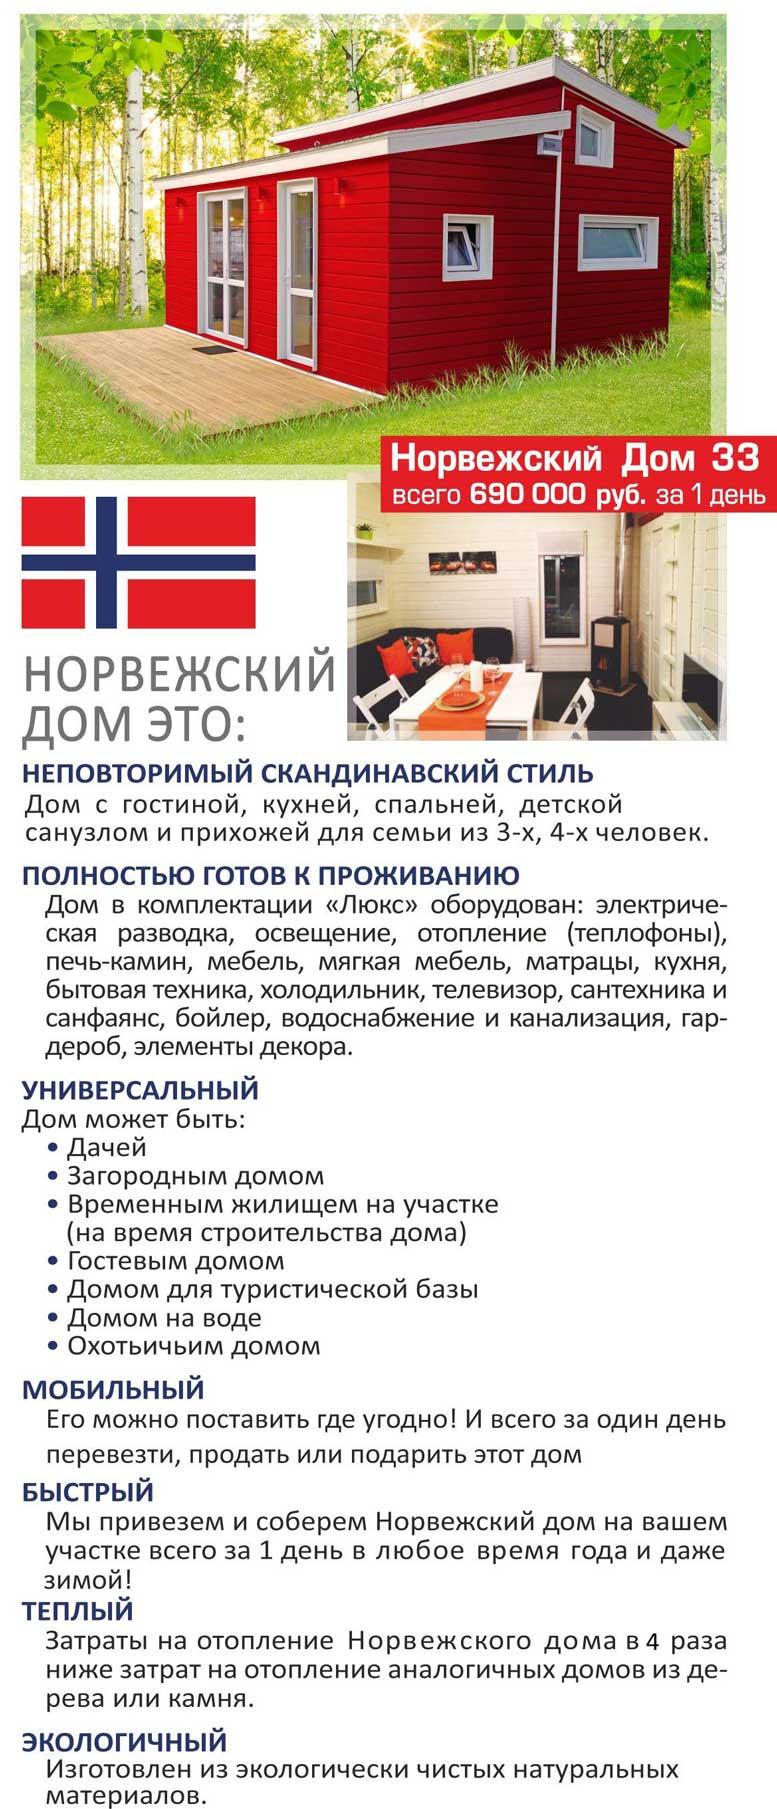 norvezhskiy-dom-33-smart-za-1-den